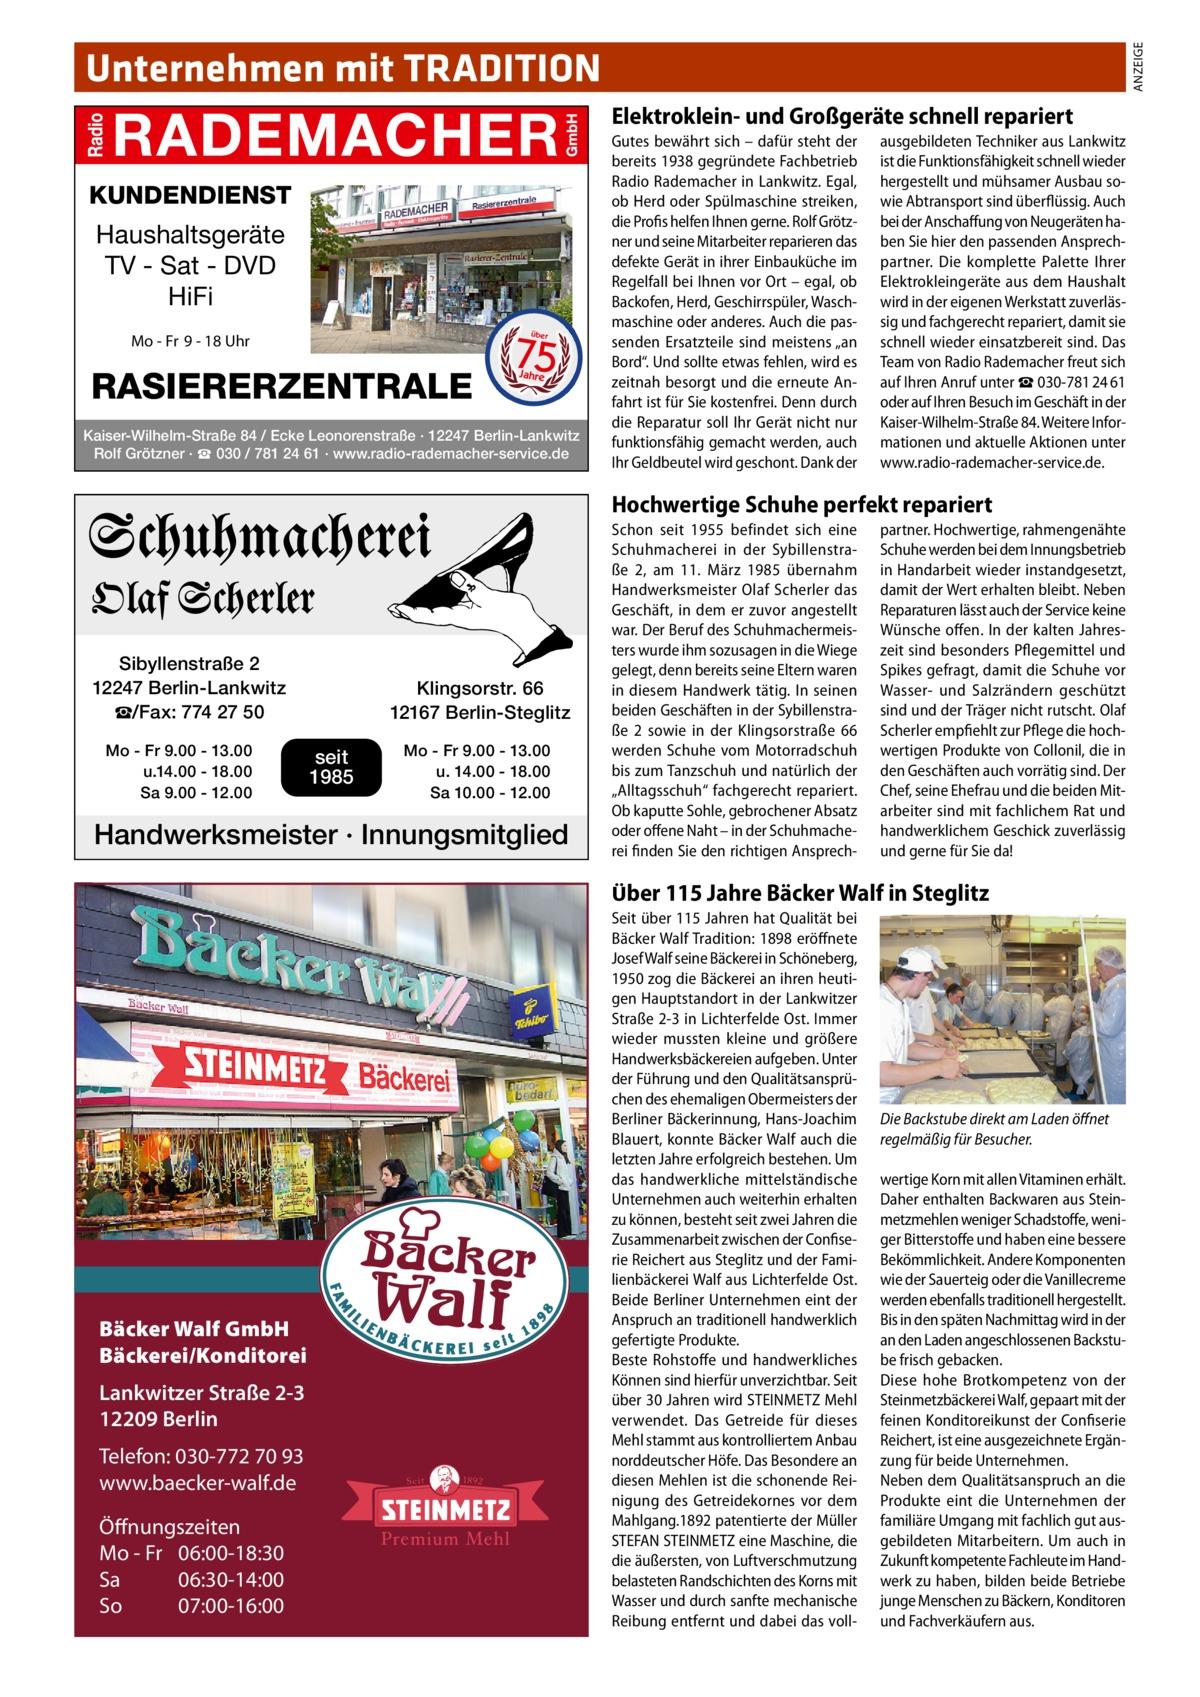 """ANZEIGE  Unternehmen mit TRADITION Elektroklein- und Großgeräte schnell repariert  KUNDENDIENST  Haushaltsgeräte TV - Sat - DVD HiFi  75 über  Mo - Fr 9 - 18 Uhr  RASIERERZENTRALE  Jahre  Kaiser-Wilhelm-Straße 84 / Ecke Leonorenstraße · 12247 Berlin-Lankwitz Rolf Grötzner · ☎ 030 / 781 24 61 · www.radio-rademacher-service.de  Gutes bewährt sich – dafür steht der bereits 1938 gegründete Fachbetrieb Radio Rademacher in Lankwitz. Egal, ob Herd oder Spülmaschine streiken, die Profis helfen Ihnen gerne. Rolf Grötzner und seine Mitarbeiter reparieren das defekte Gerät in ihrer Einbauküche im Regelfall bei Ihnen vor Ort – egal, ob Backofen, Herd, Geschirrspüler, Waschmaschine oder anderes. Auch die passenden Ersatzteile sind meistens """"an Bord"""". Und sollte etwas fehlen, wird es zeitnah besorgt und die erneute Anfahrt ist für Sie kostenfrei. Denn durch die Reparatur soll Ihr Gerät nicht nur funktionsfähig gemacht werden, auch Ihr Geldbeutel wird geschont. Dank der  ausgebildeten Techniker aus Lankwitz ist die Funktionsfähigkeit schnell wieder hergestellt und mühsamer Ausbau sowie Abtransport sind überflüssig. Auch bei der Anschaffung von Neugeräten haben Sie hier den passenden Ansprechpartner. Die komplette Palette Ihrer Elektrokleingeräte aus dem Haushalt wird in der eigenen Werkstatt zuverlässig und fachgerecht repariert, damit sie schnell wieder einsatzbereit sind. Das Team von Radio Rademacher freut sich auf Ihren Anruf unter ☎030-781 24 61 oder auf Ihren Besuch im Geschäft in der Kaiser-Wilhelm-Straße84. Weitere Informationen und aktuelle Aktionen unter www.radio-rademacher-service.de.  Hochwertige Schuhe perfekt repariert  Sibyllenstraße 2 12247 Berlin-Lankwitz ☎/Fax: 774 27 50 Mo - Fr 9.00 - 13.00 u.14.00 - 18.00 Sa 9.00 - 12.00  Klingsorstr. 66 12167 Berlin-Steglitz  seit 1985  Mo - Fr 9.00 - 13.00 u. 14.00 - 18.00 Sa 10.00 - 12.00  Handwerksmeister · Innungsmitglied  Schon seit 1955 befindet sich eine Schuhmacherei in der Sybillenstraße 2, am 11. März 1985 übernahm """